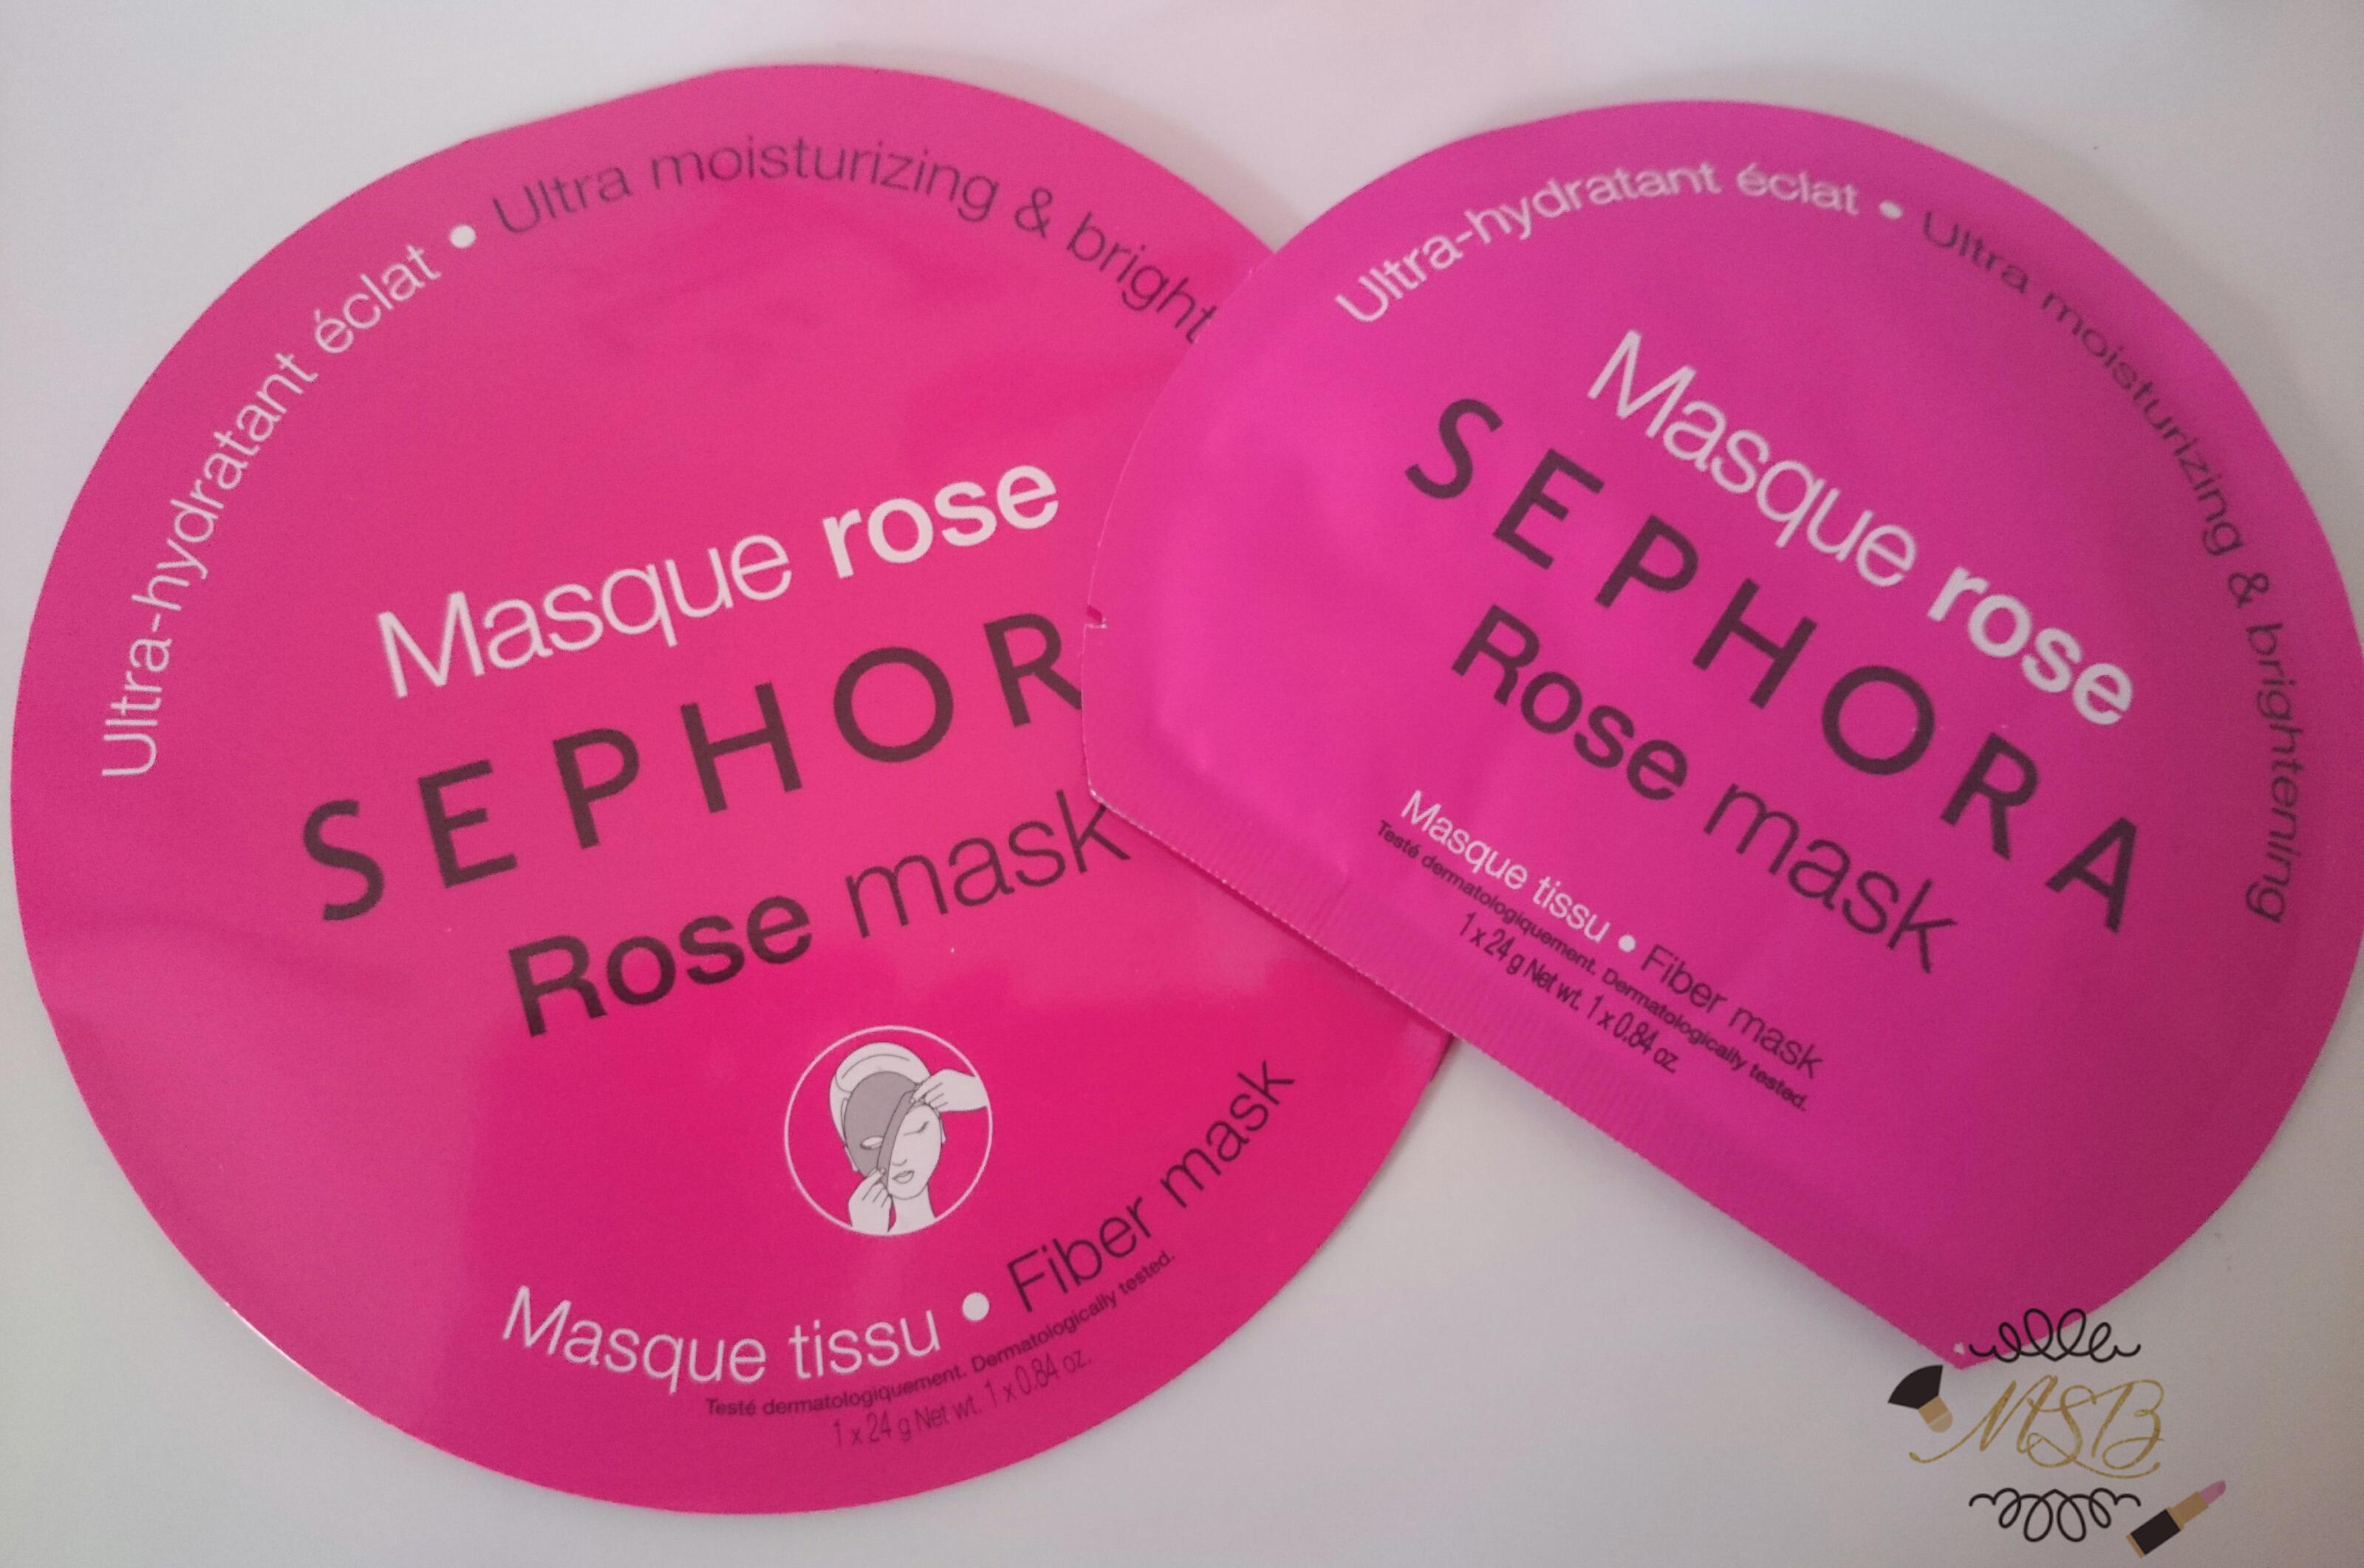 masque rose sephora test